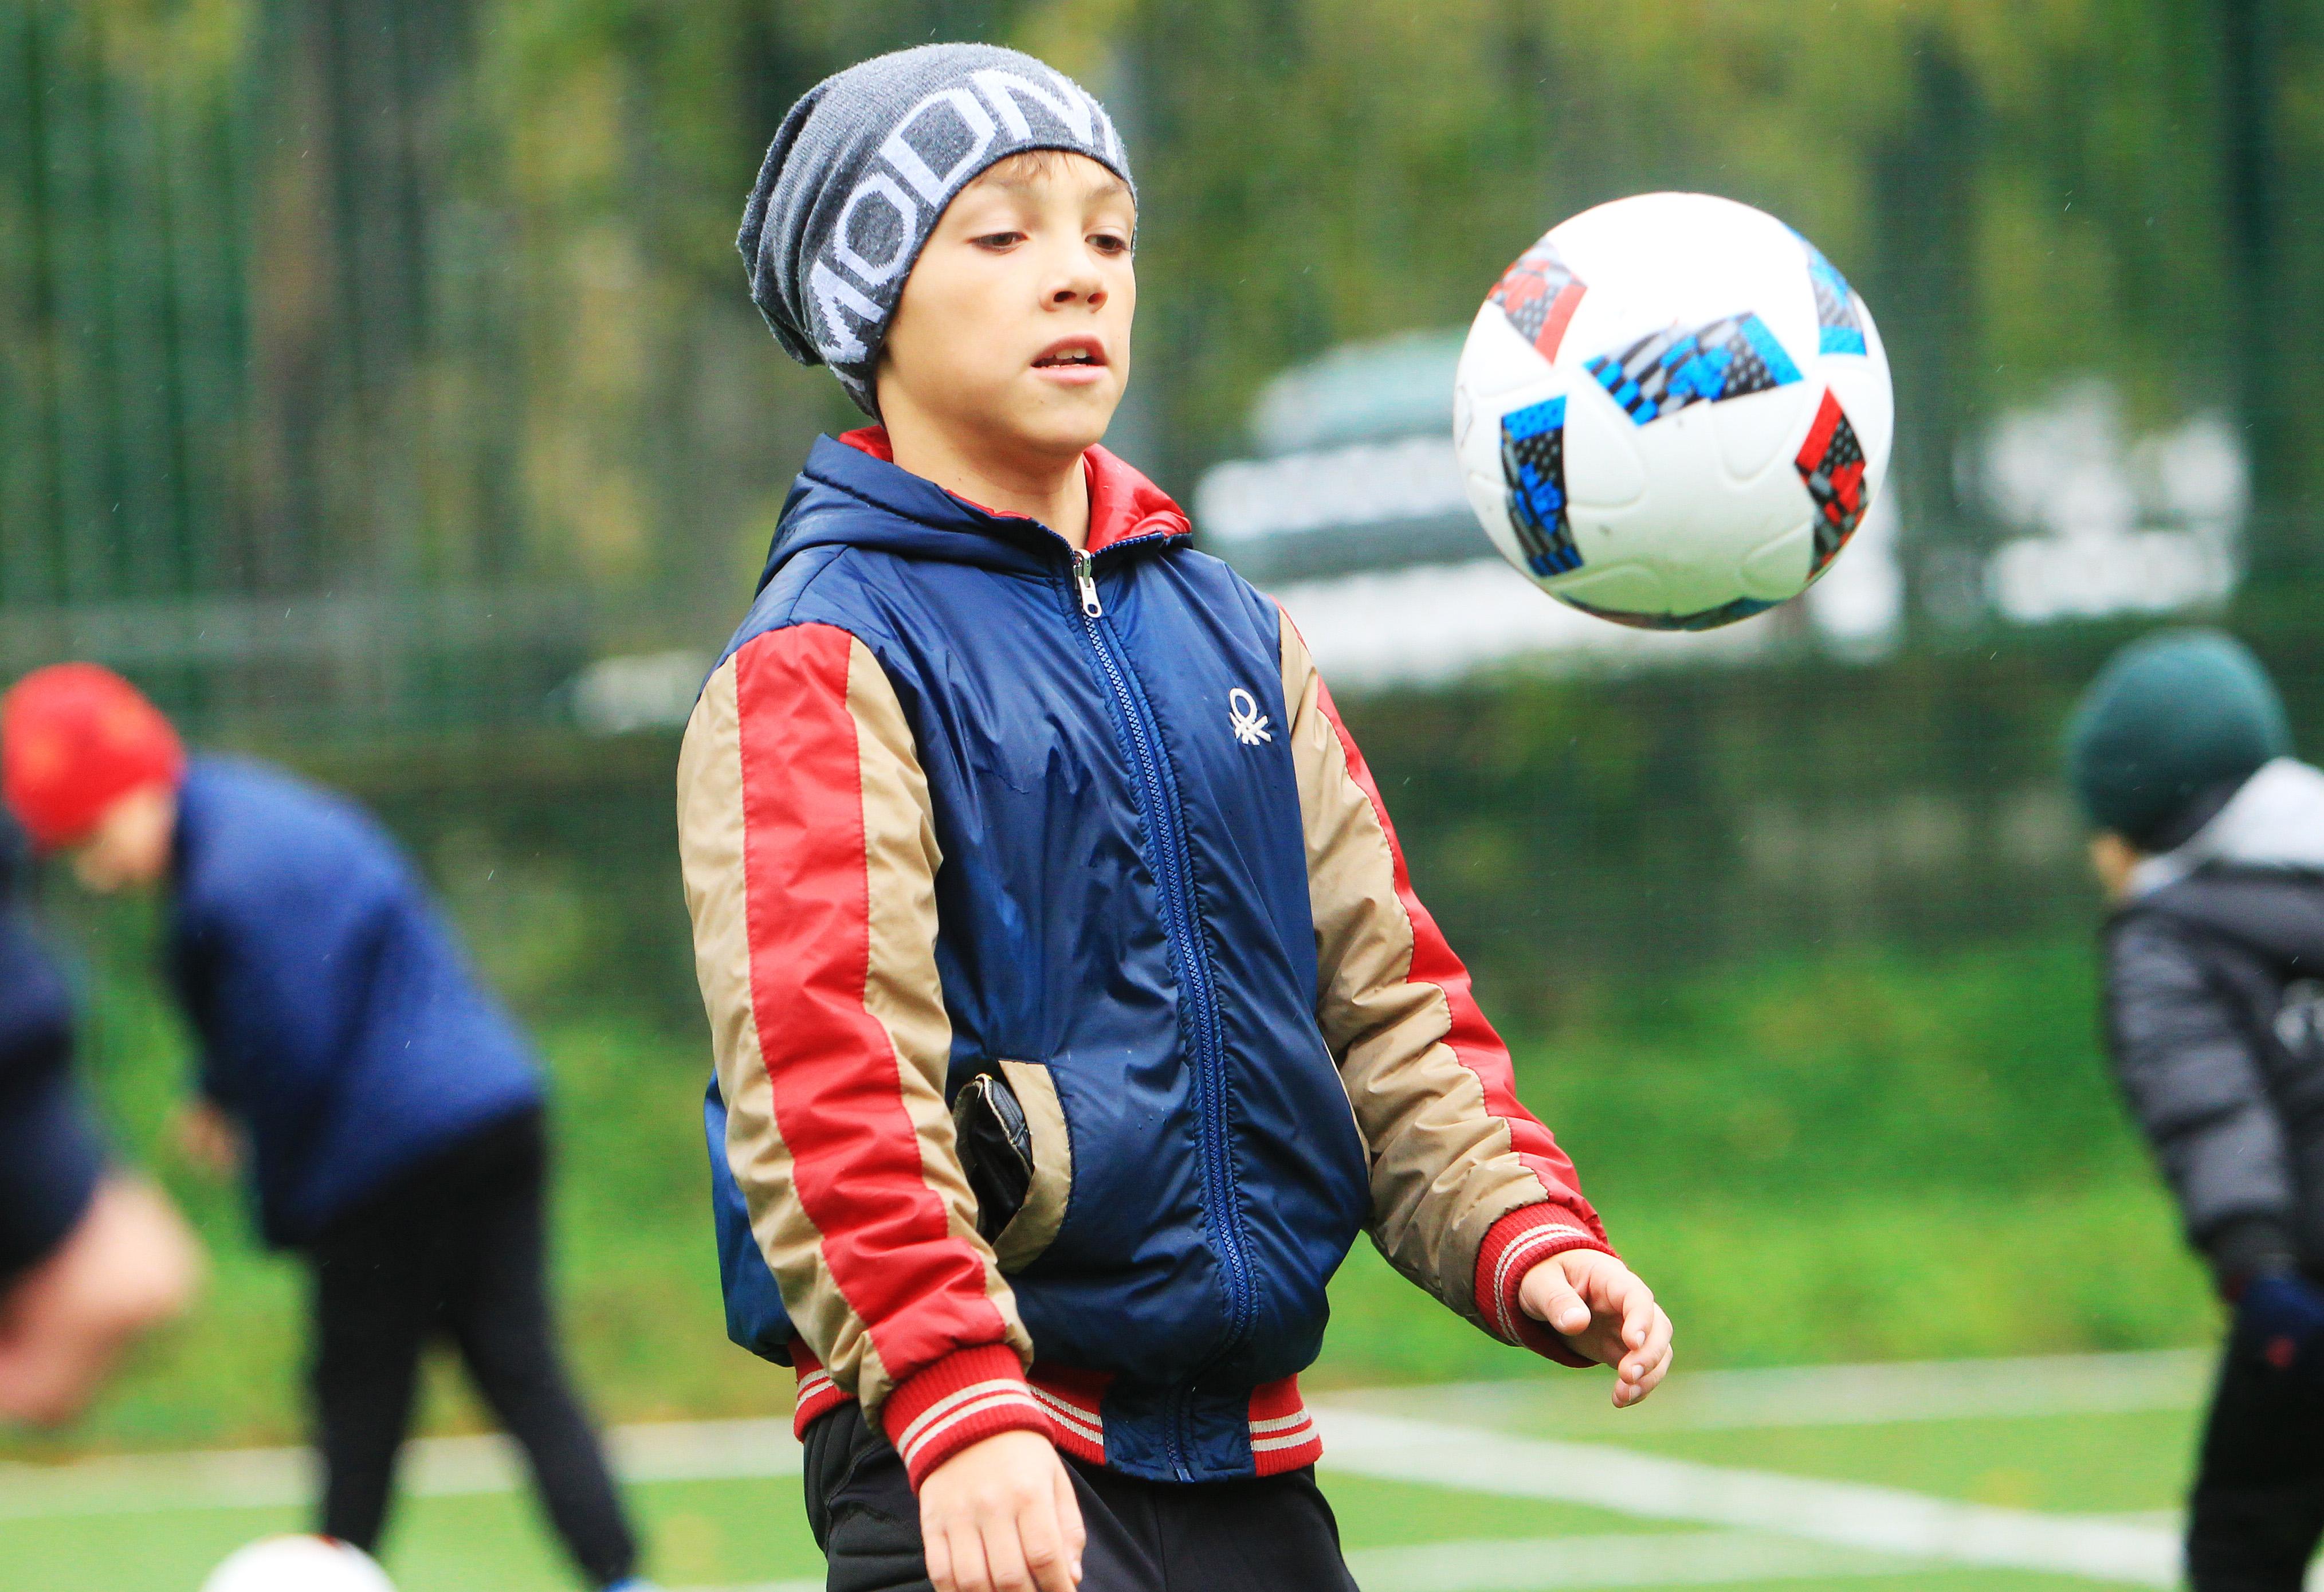 Футболисты Воскресенского поучаствуют в суперфинале «Кожаного мяча»